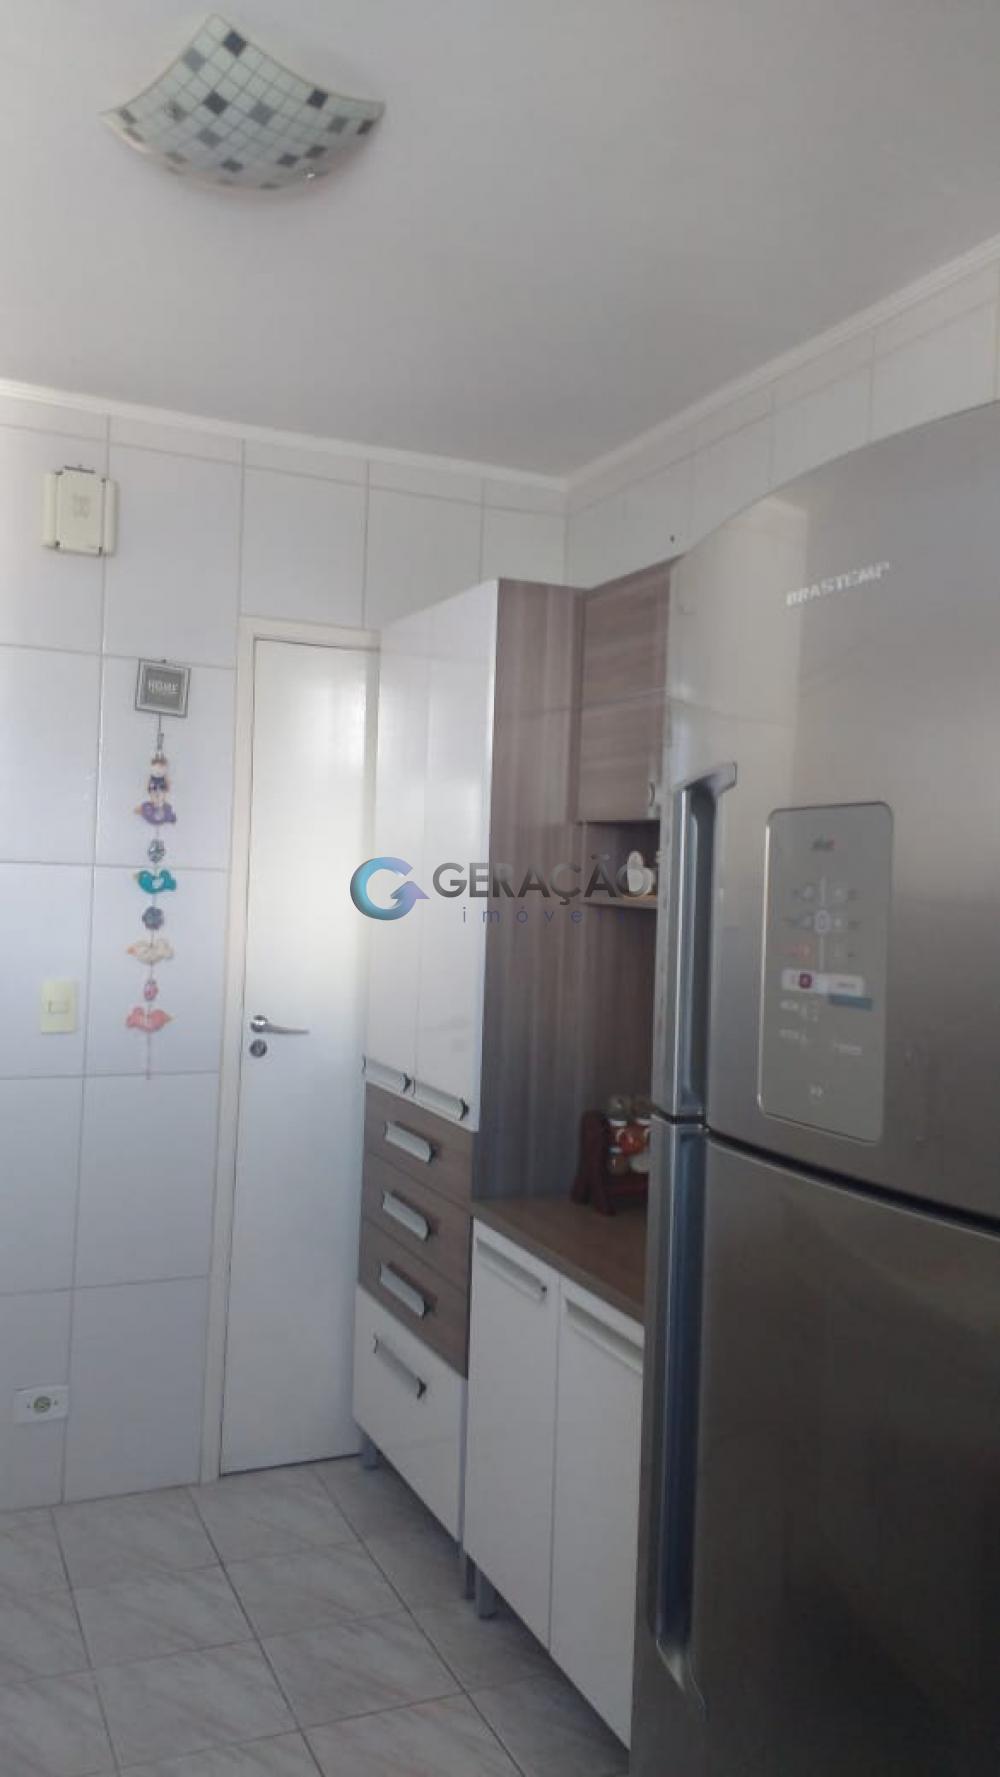 Comprar Apartamento / Padrão em São José dos Campos apenas R$ 220.000,00 - Foto 12